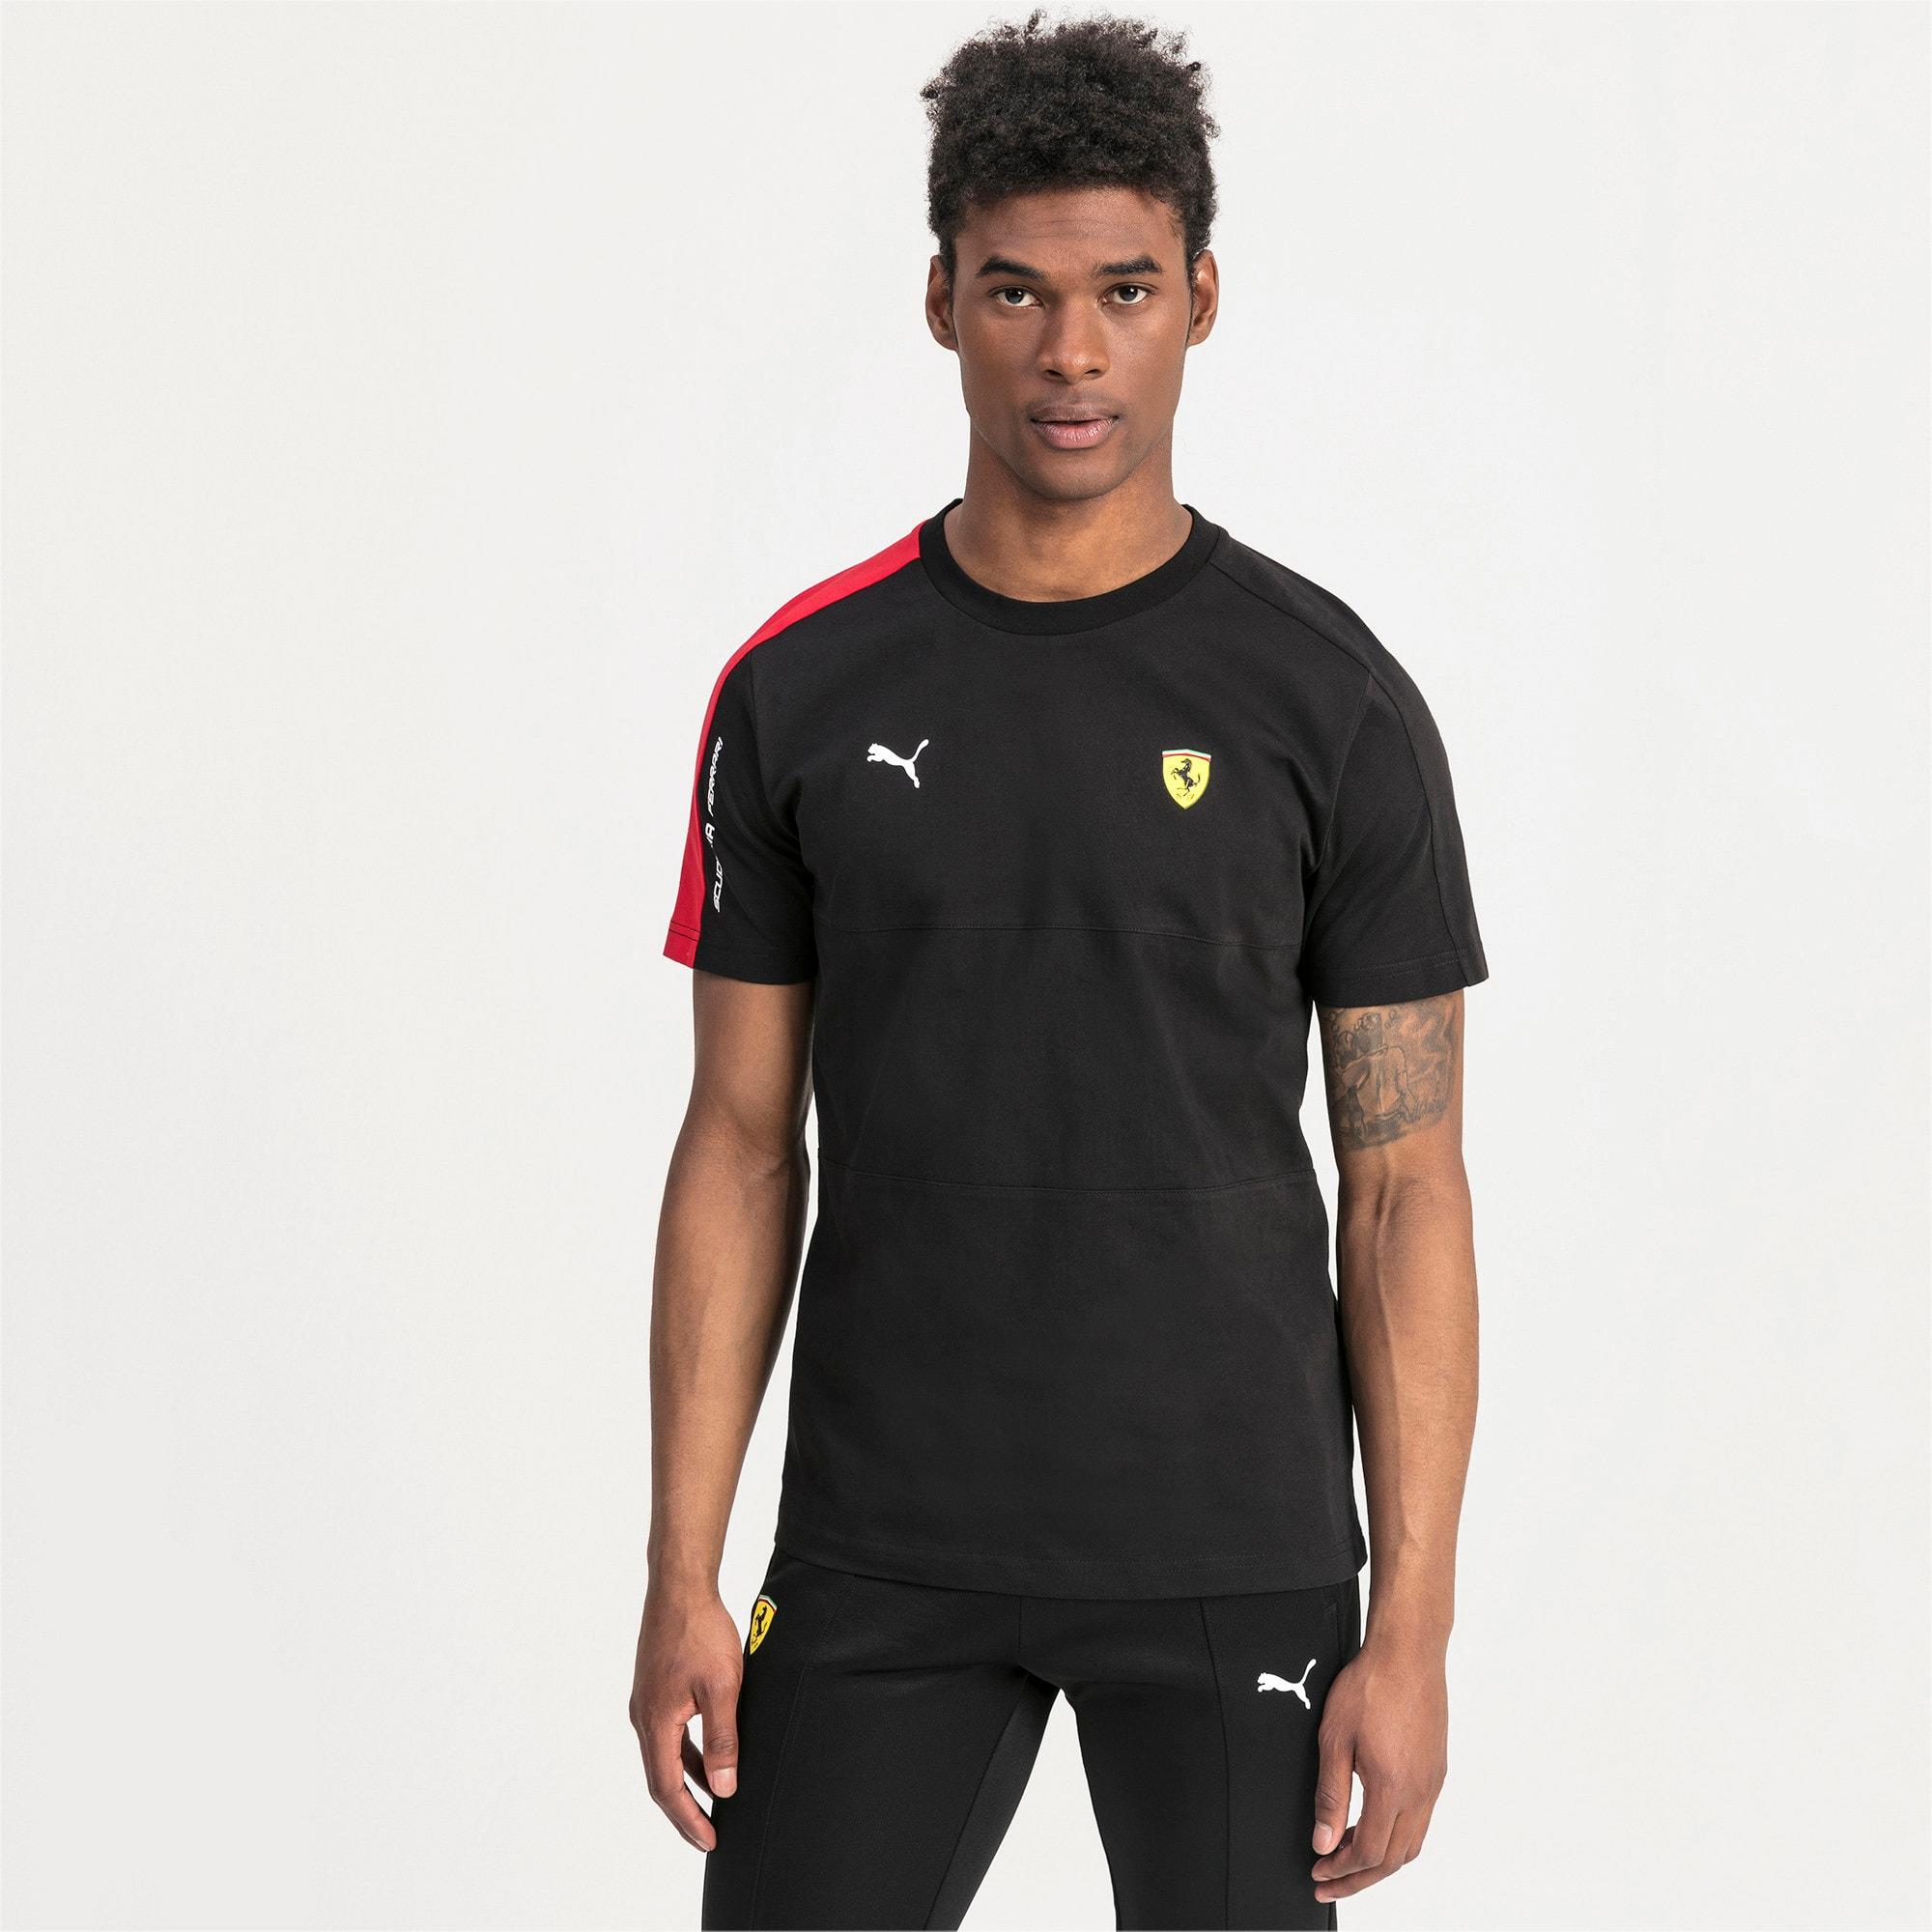 Thumbnail 1 of T-shirt Scuderia Ferrari T7 uomo, Puma Black, medium